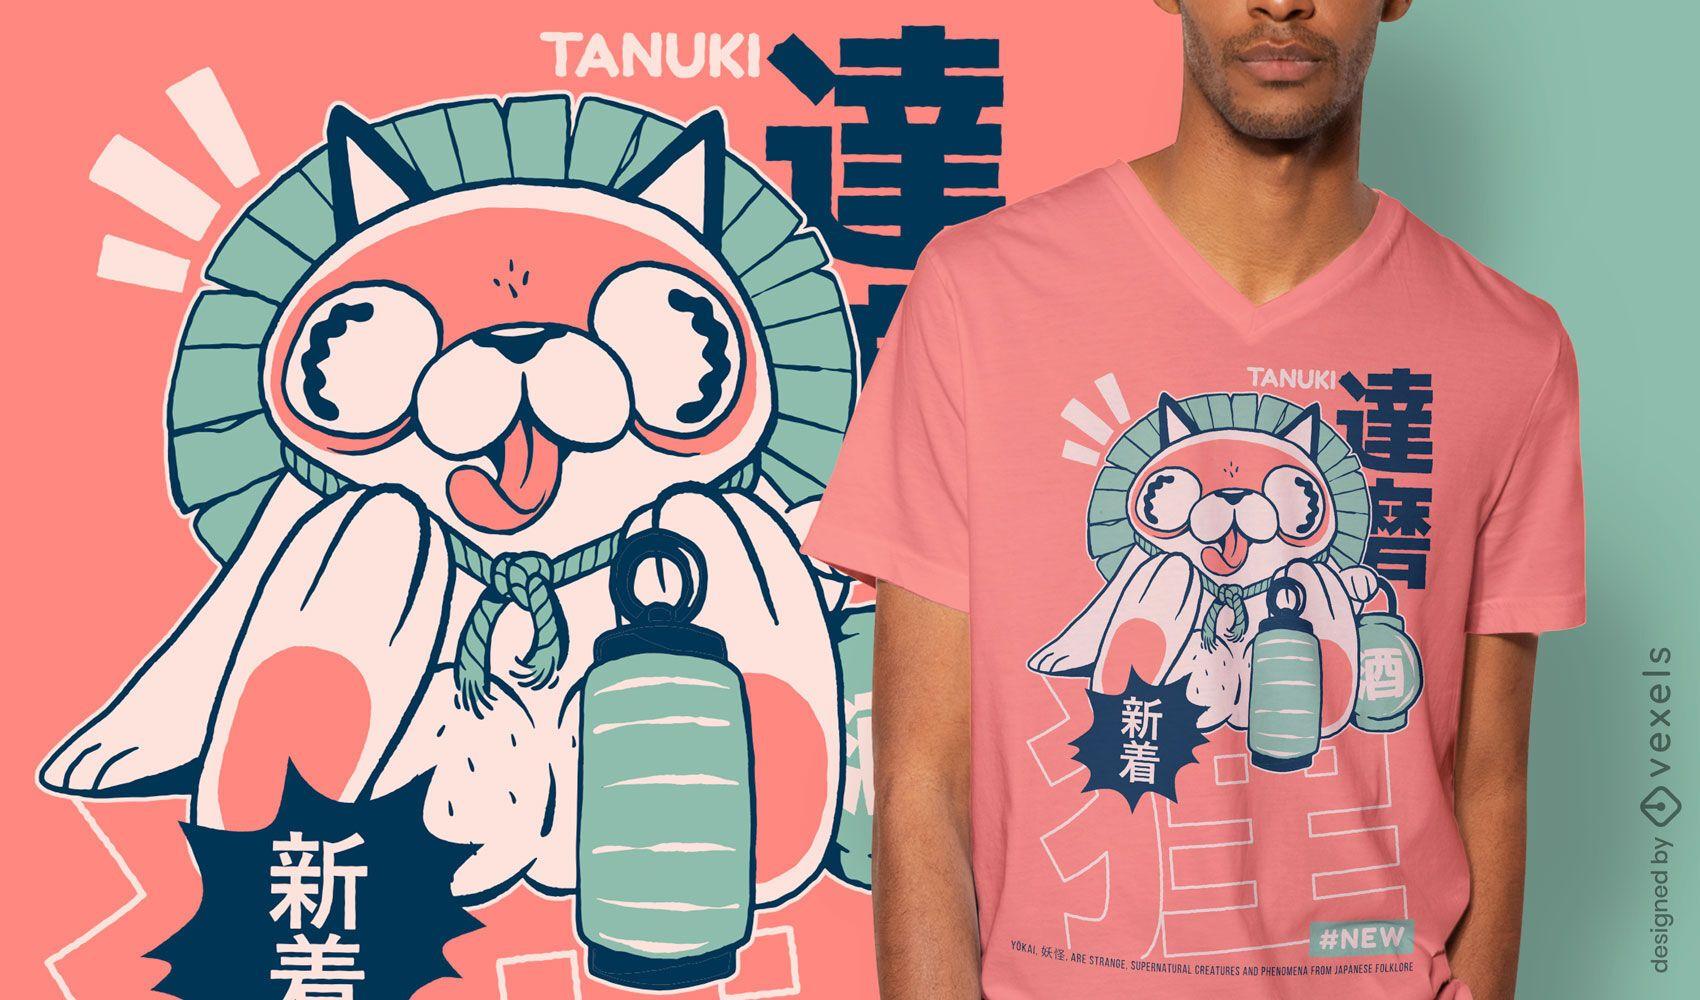 Tanuki japanese yokai t-shirt design